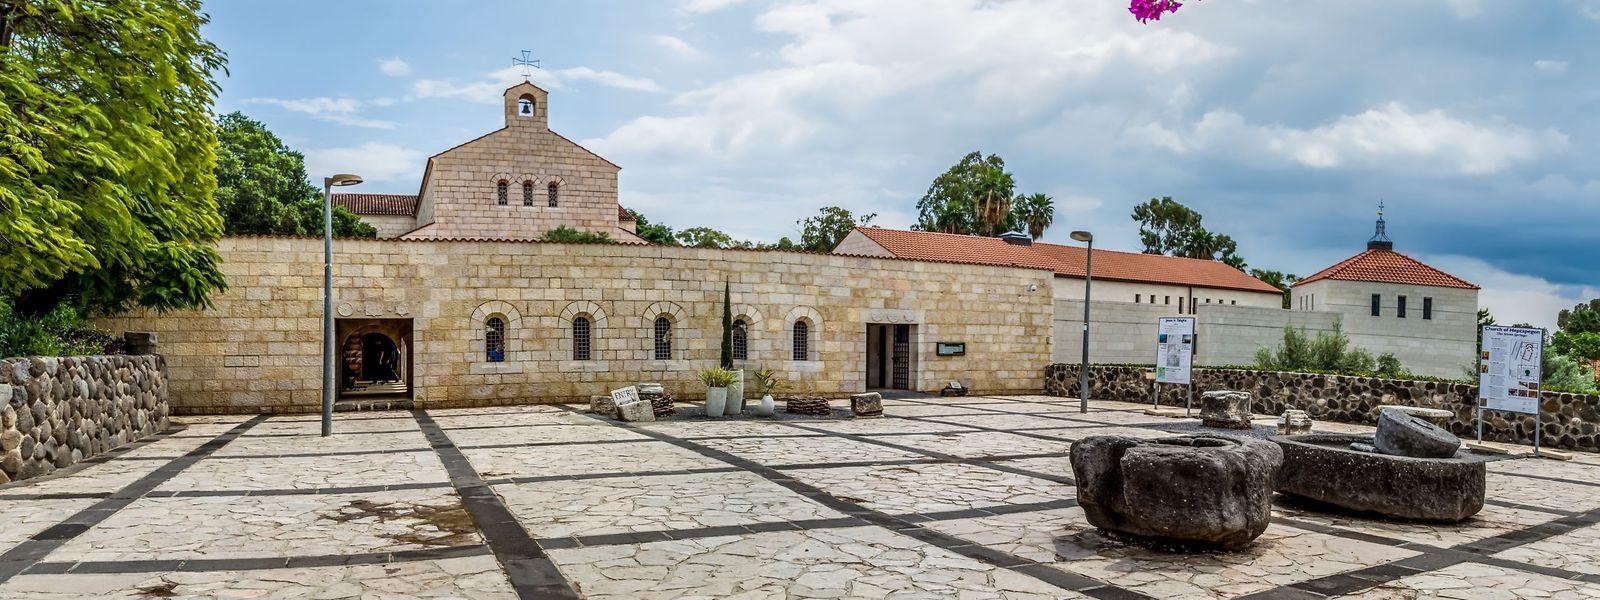 Beinahe unscheinbar: Der heutige Bau der Brotvermehrungskirche wurde zwischen 1980 und 1982 an dem Ort errichtet, an dem bereits im vierten Jahrhundert die erste Erinnerungsstätte entstanden ist.